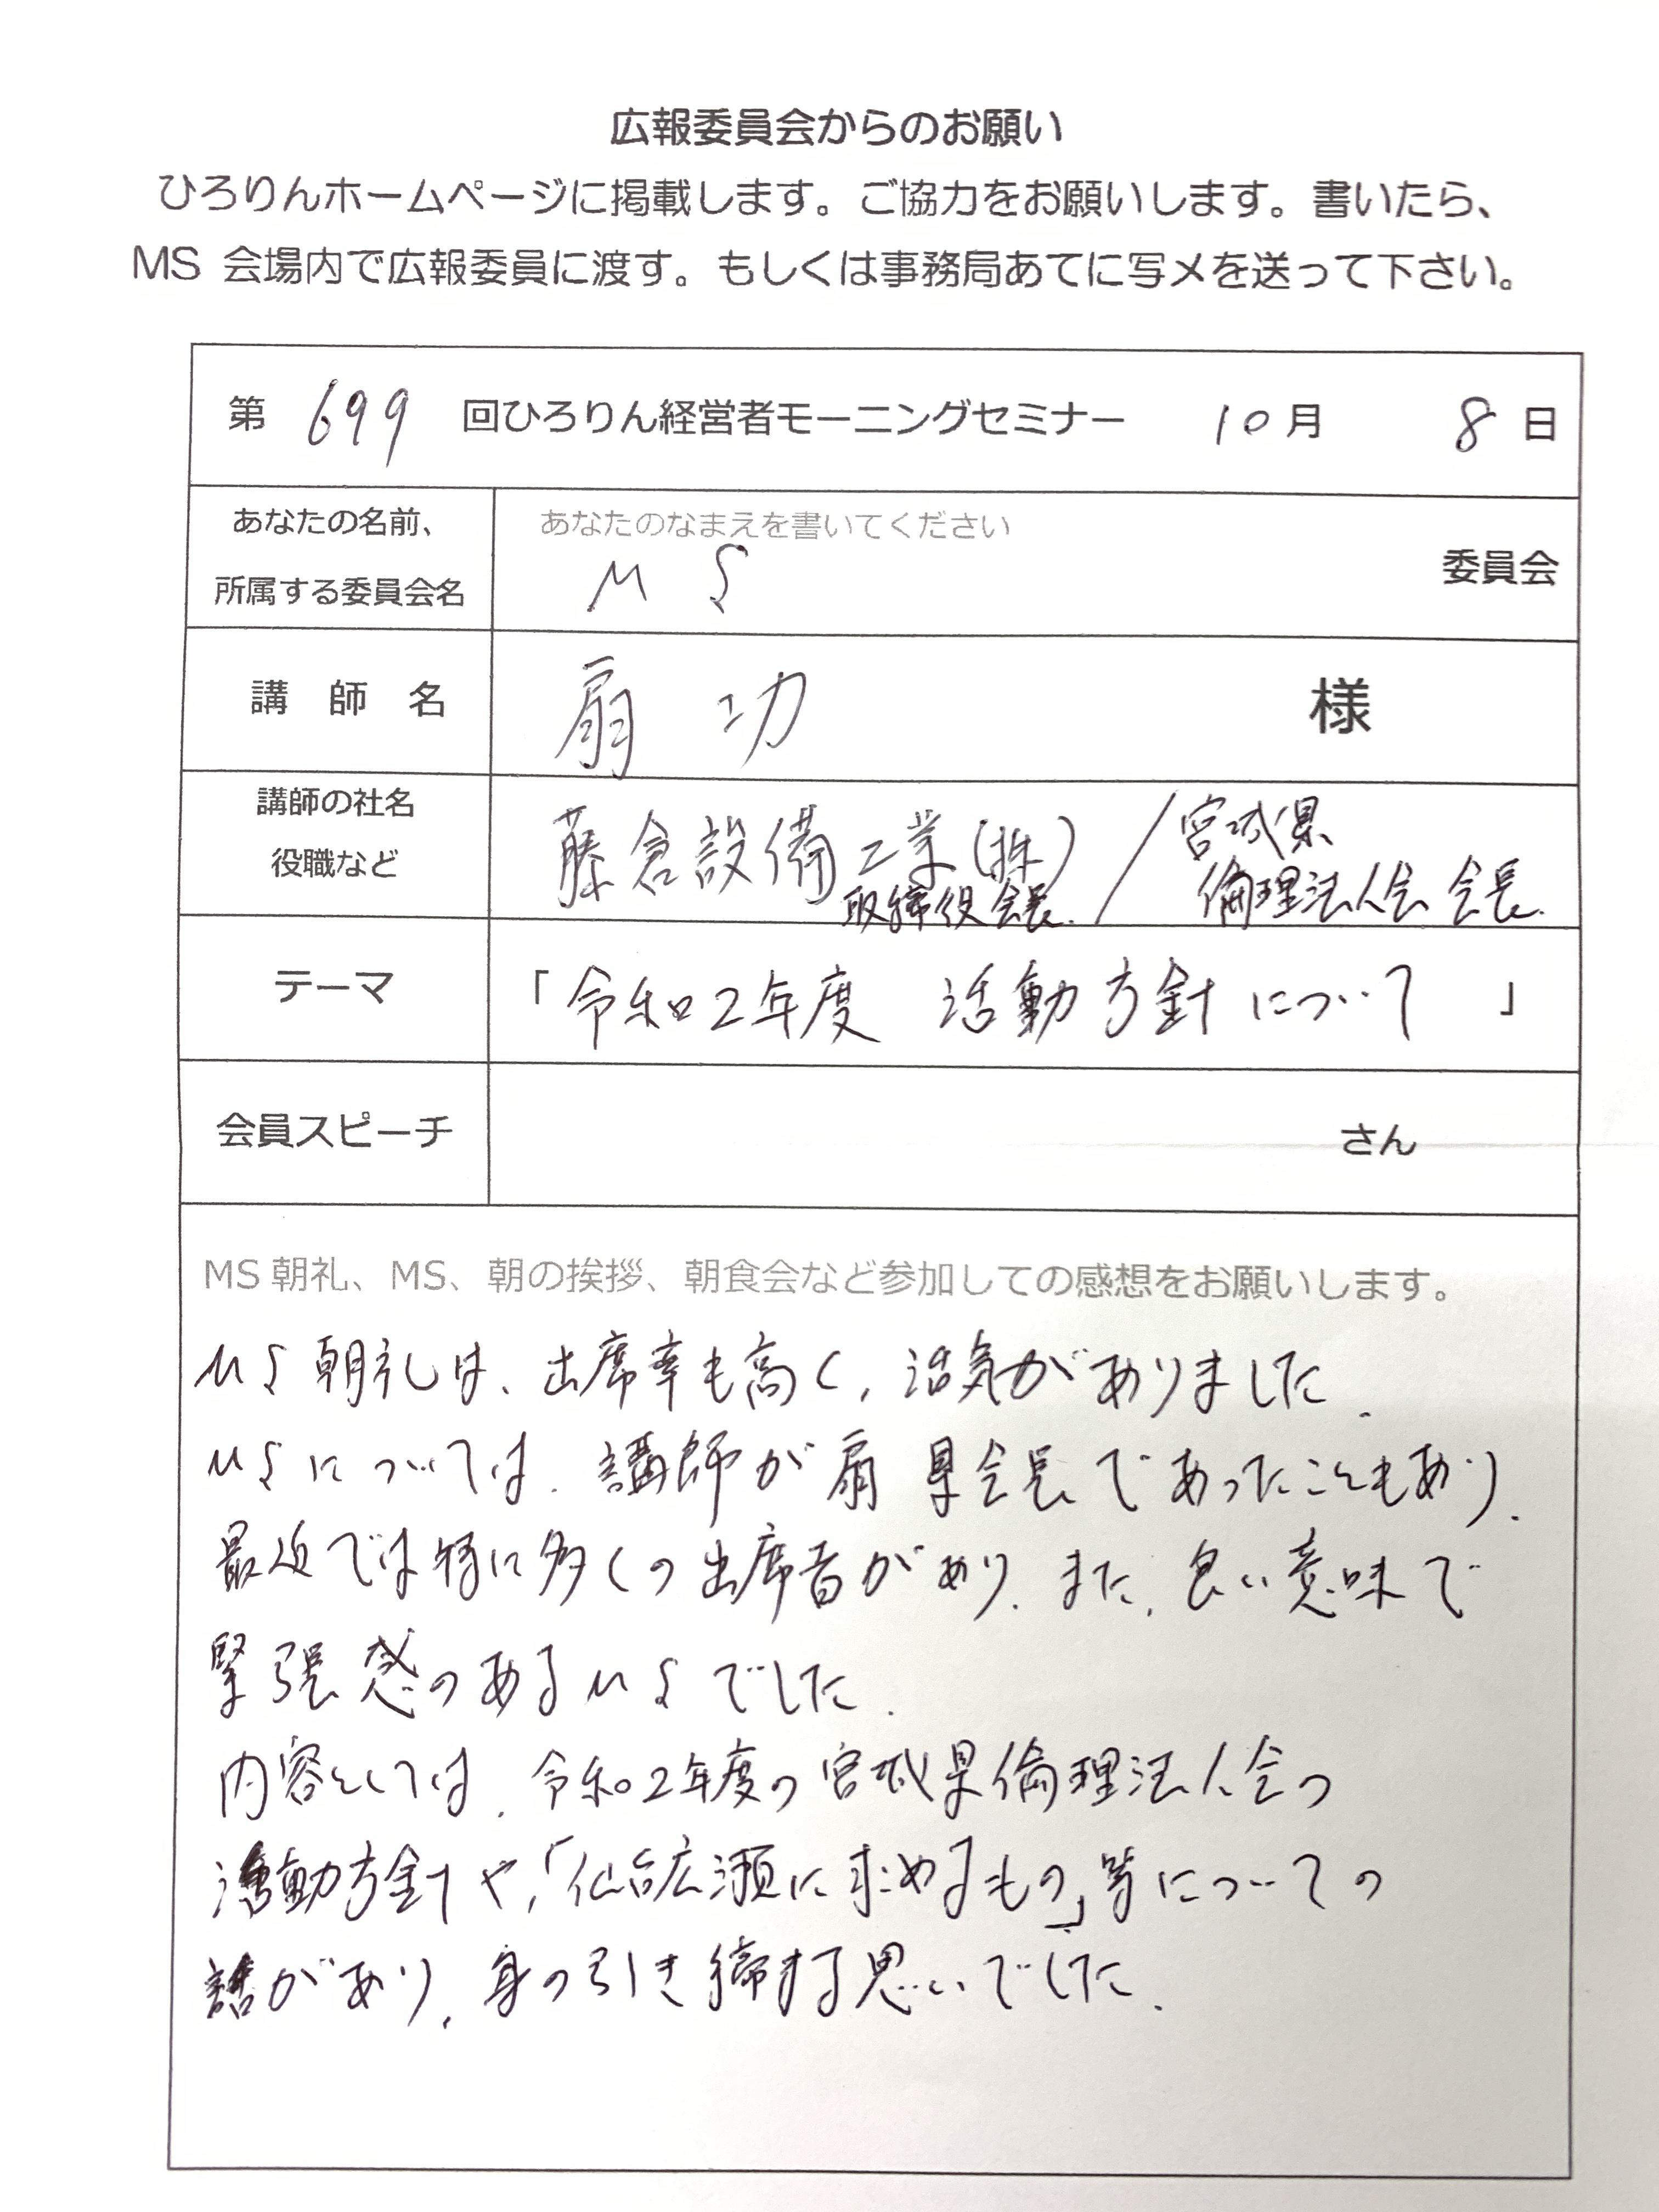 10月8日 第699回MSレポート